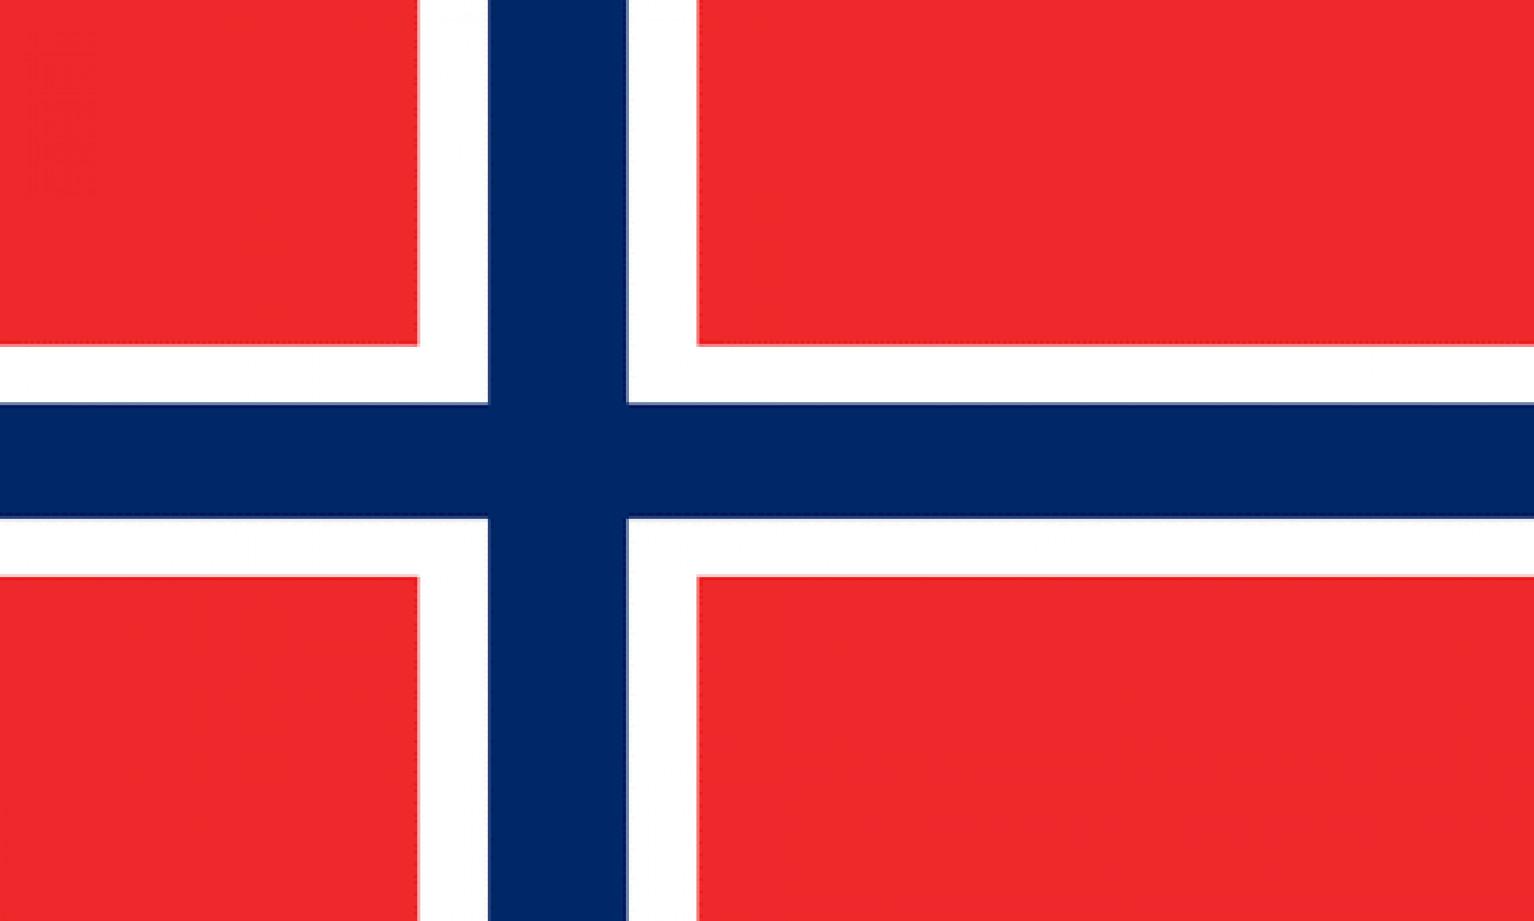 Norwegian Peer-to-Peer lending platforms and market